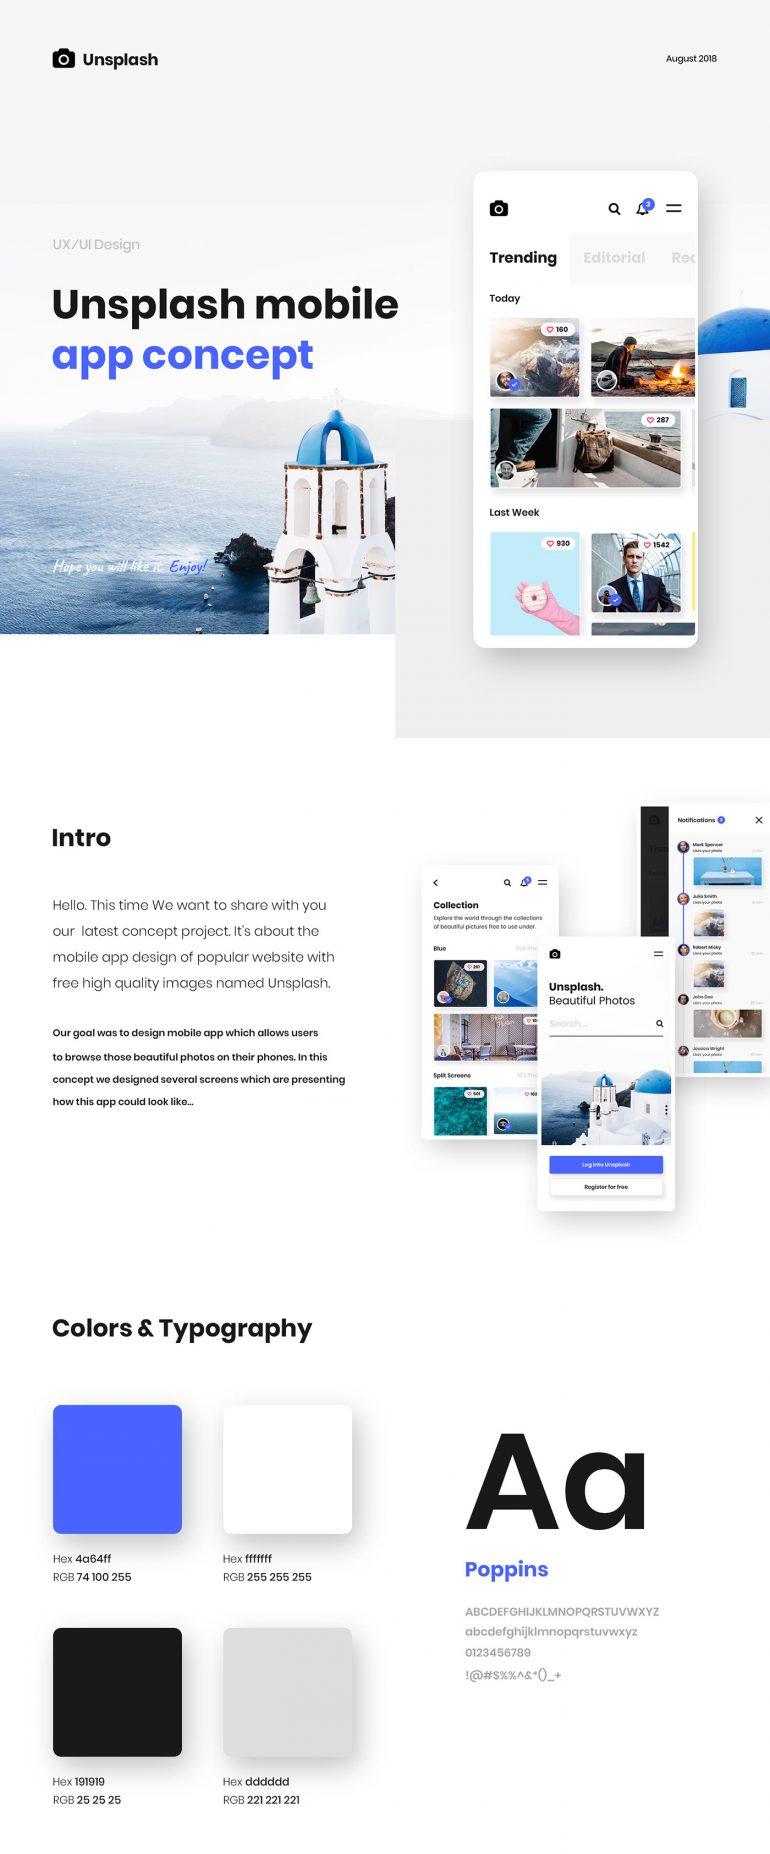 Unsplash.com — Mobile App Concept